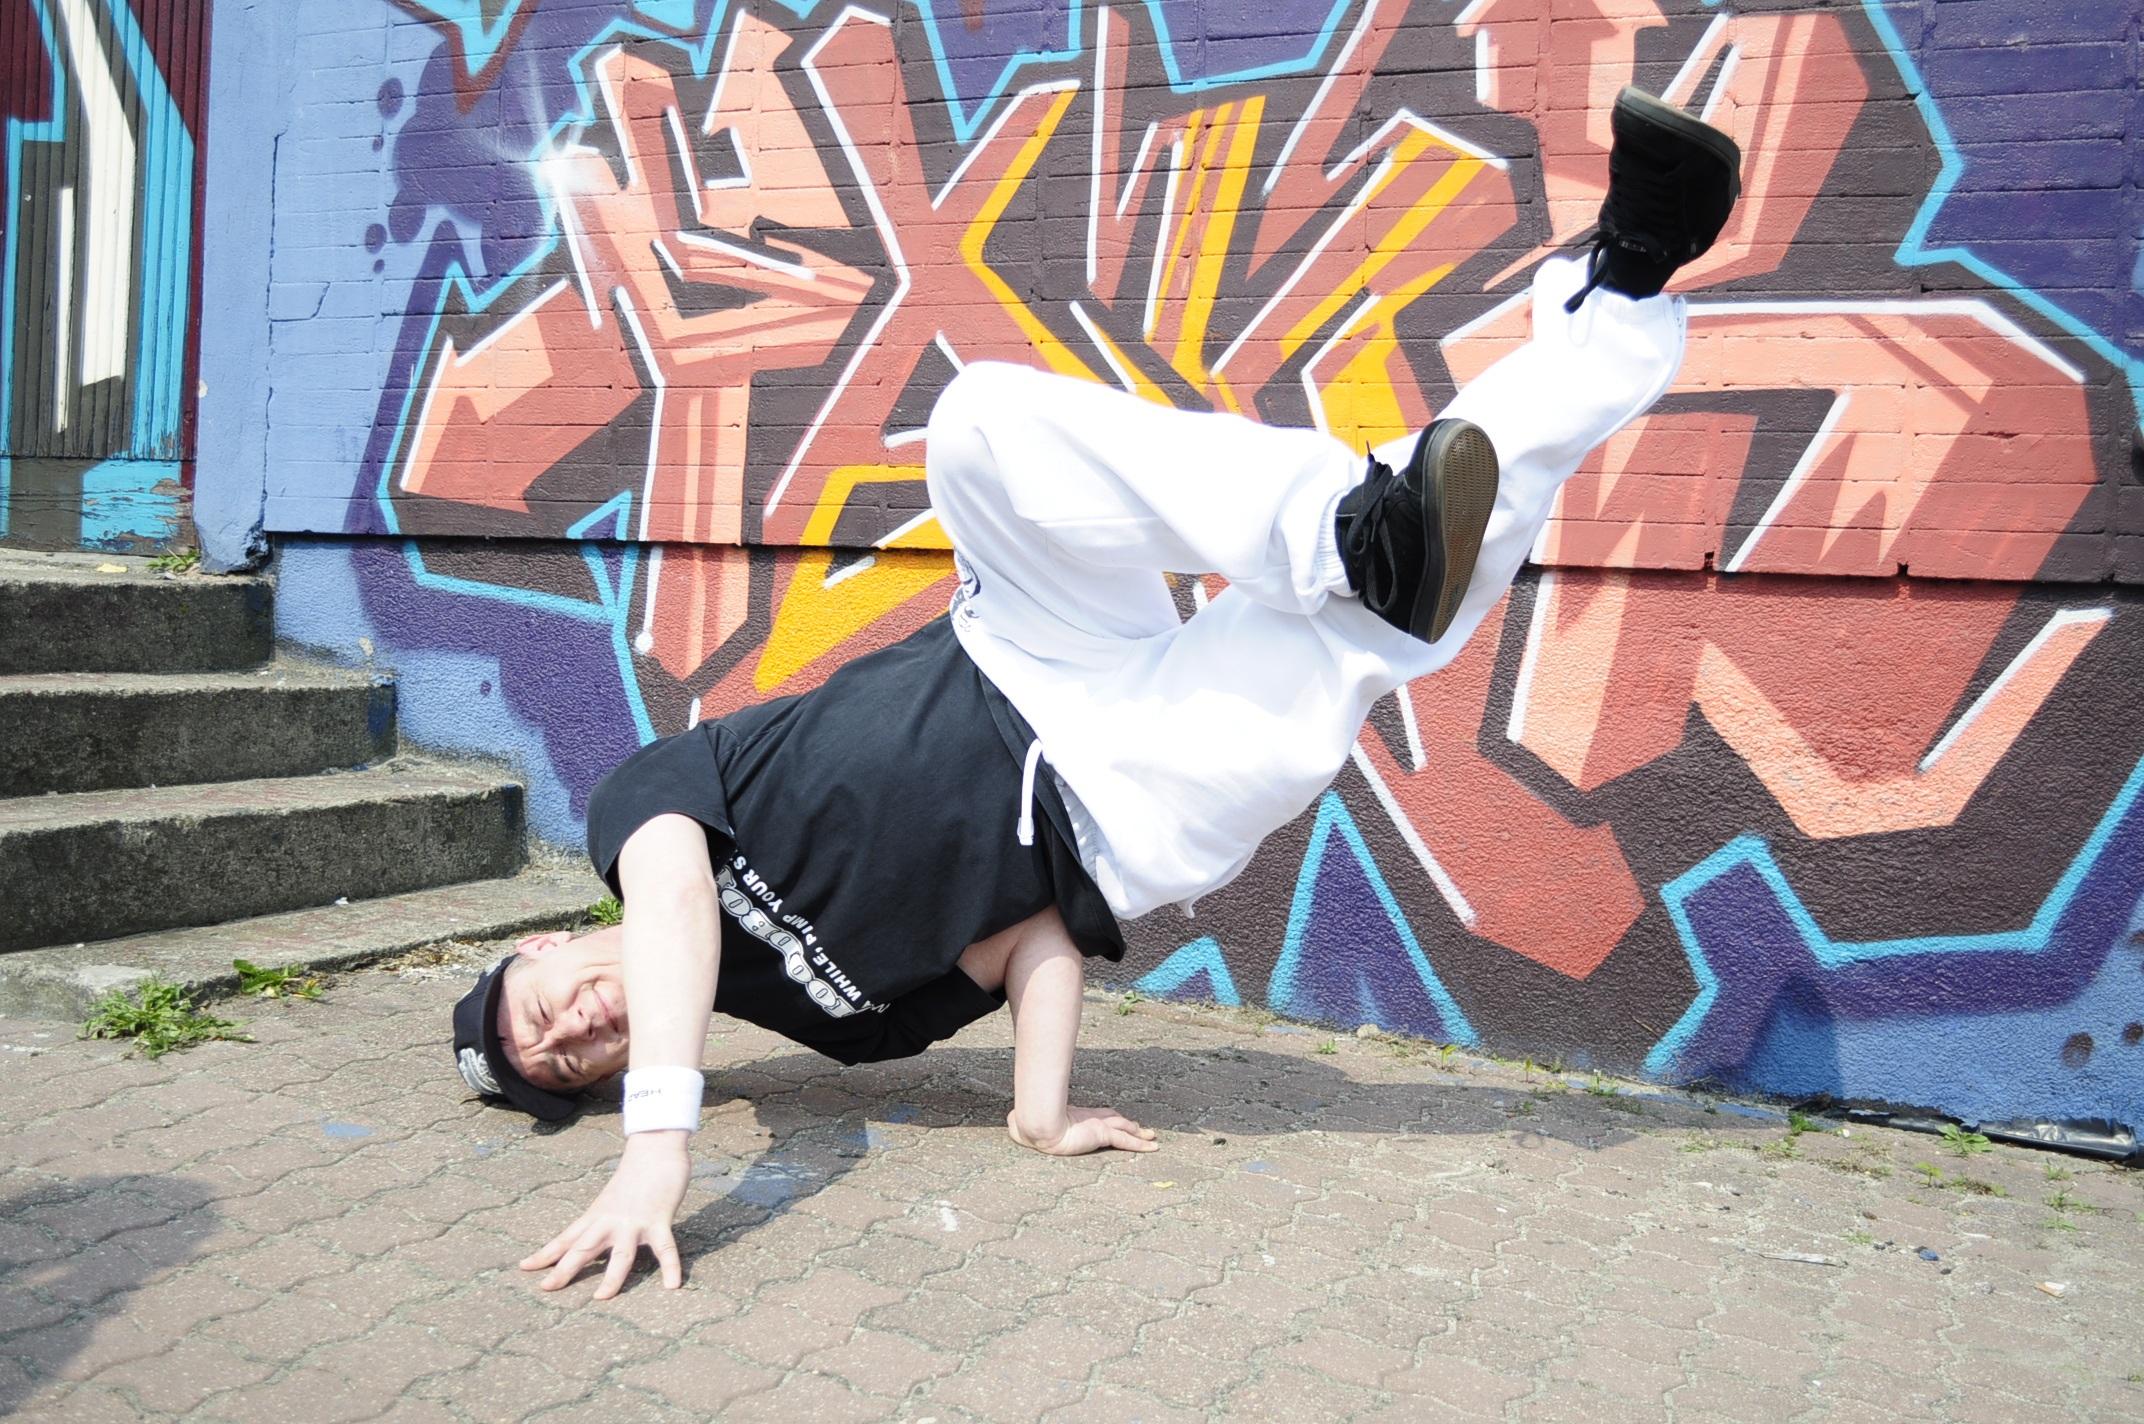 Free Images : Dance, Color, Graffiti, Street Art, Mural